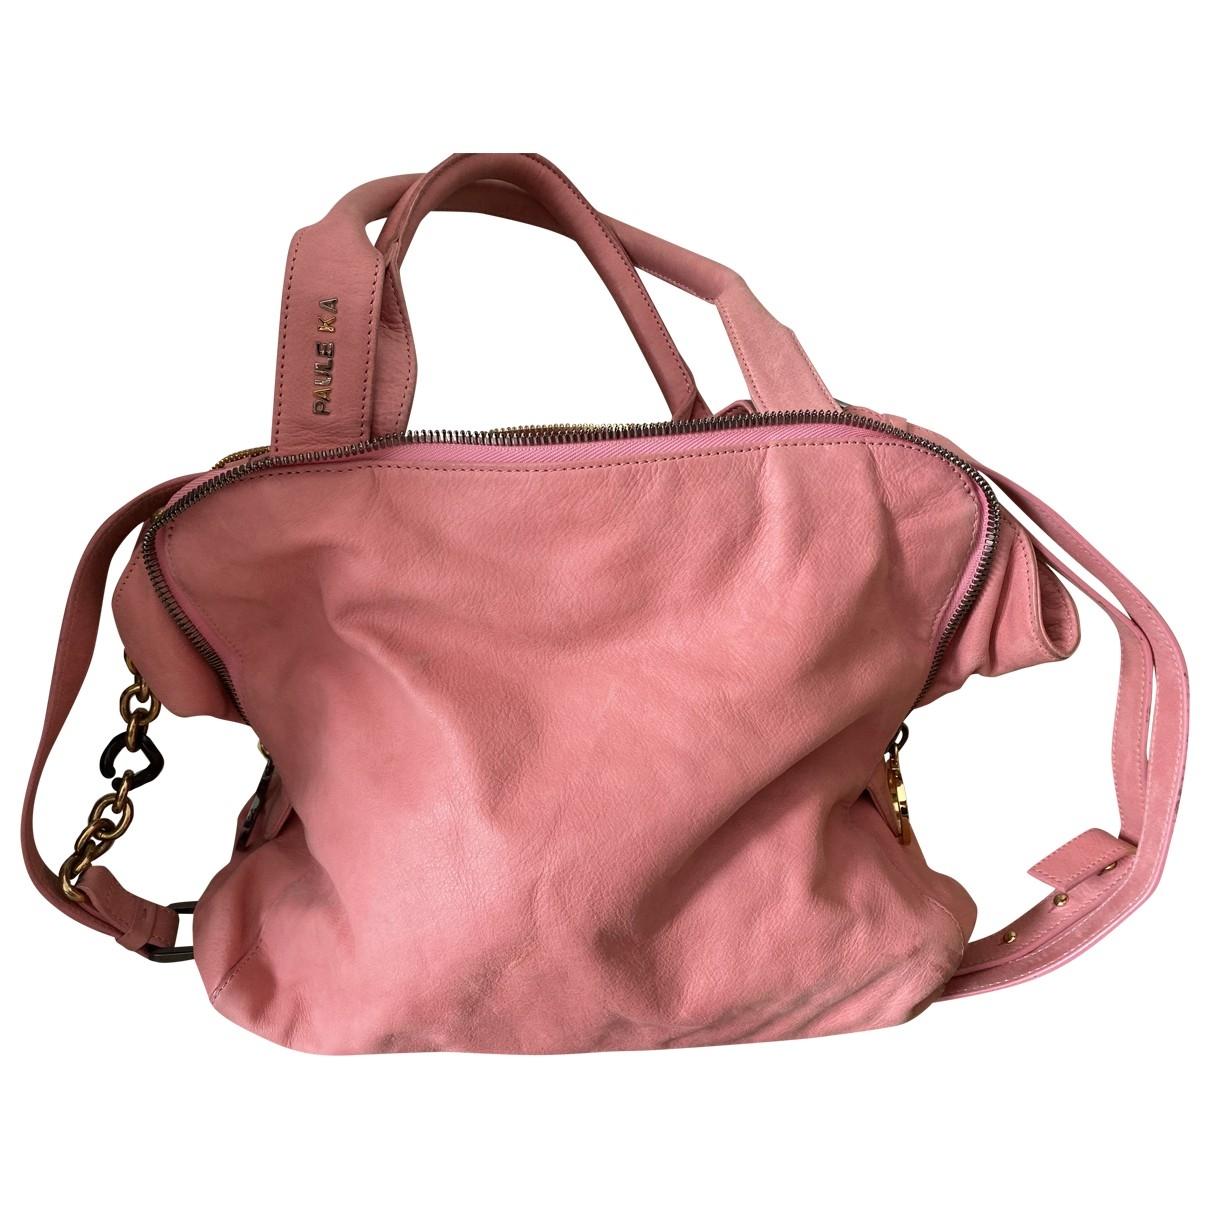 Paule Ka \N Pink Leather handbag for Women \N